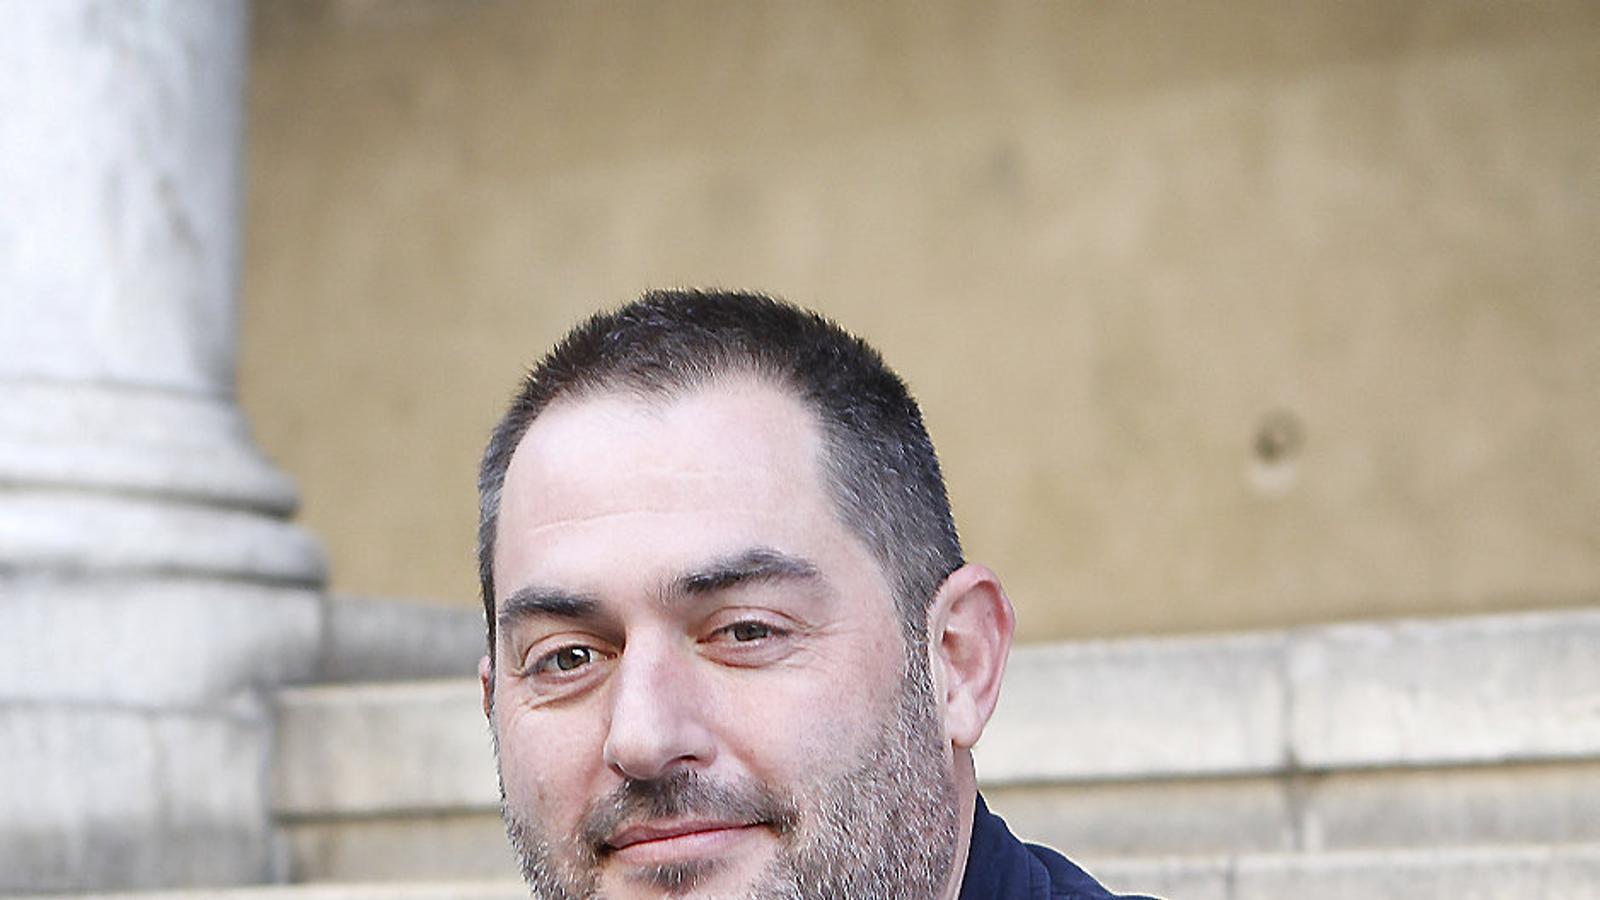 L'advocat i empresari Josep de Luis serà a partir de febrer el nou president de l'Obra Cultural Balear, ja que no hi ha cap candidat alternatiu.